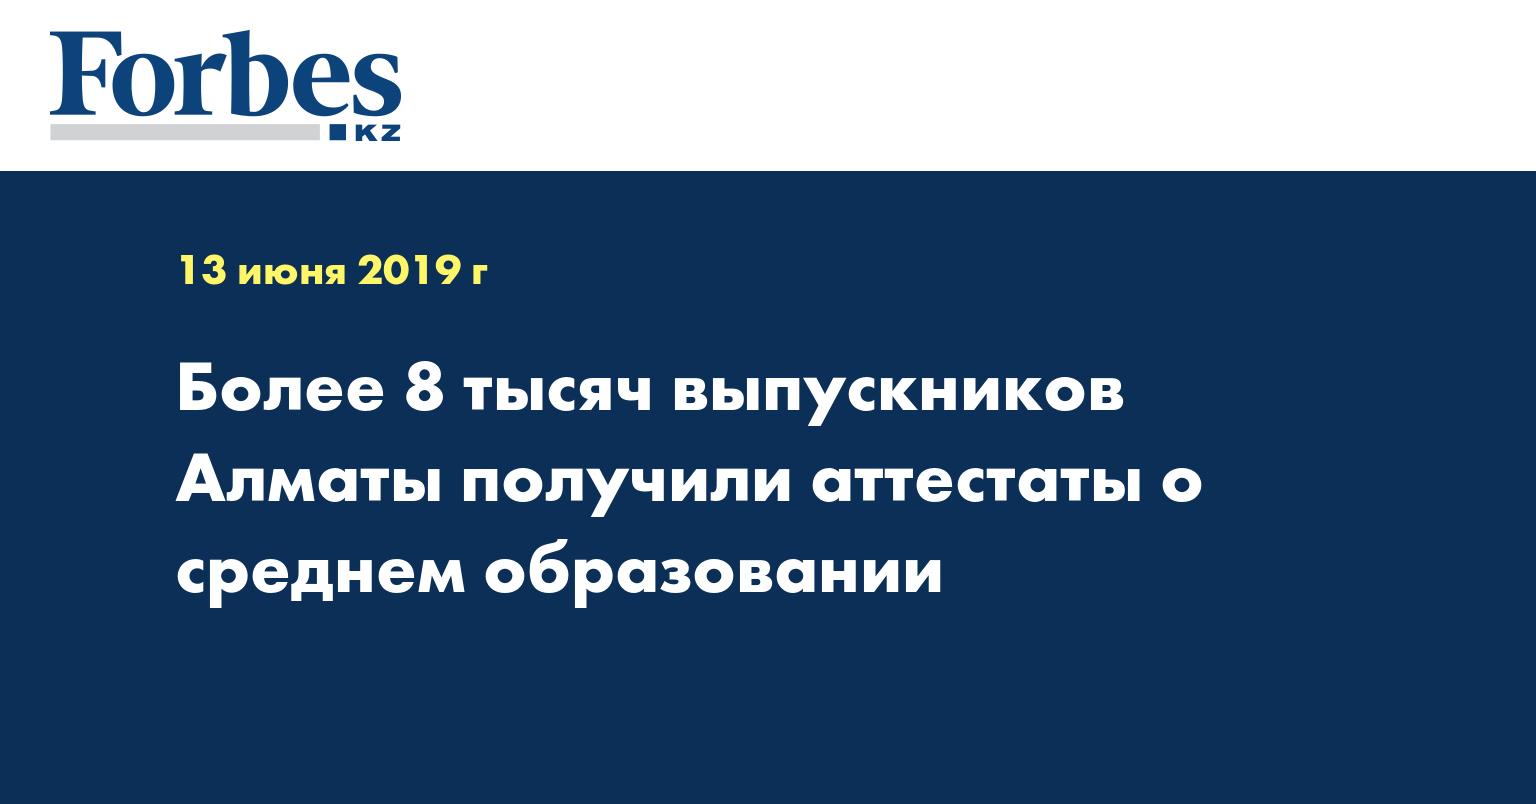 Более 8 тысяч выпускников Алматы получили аттестаты о среднем образовании